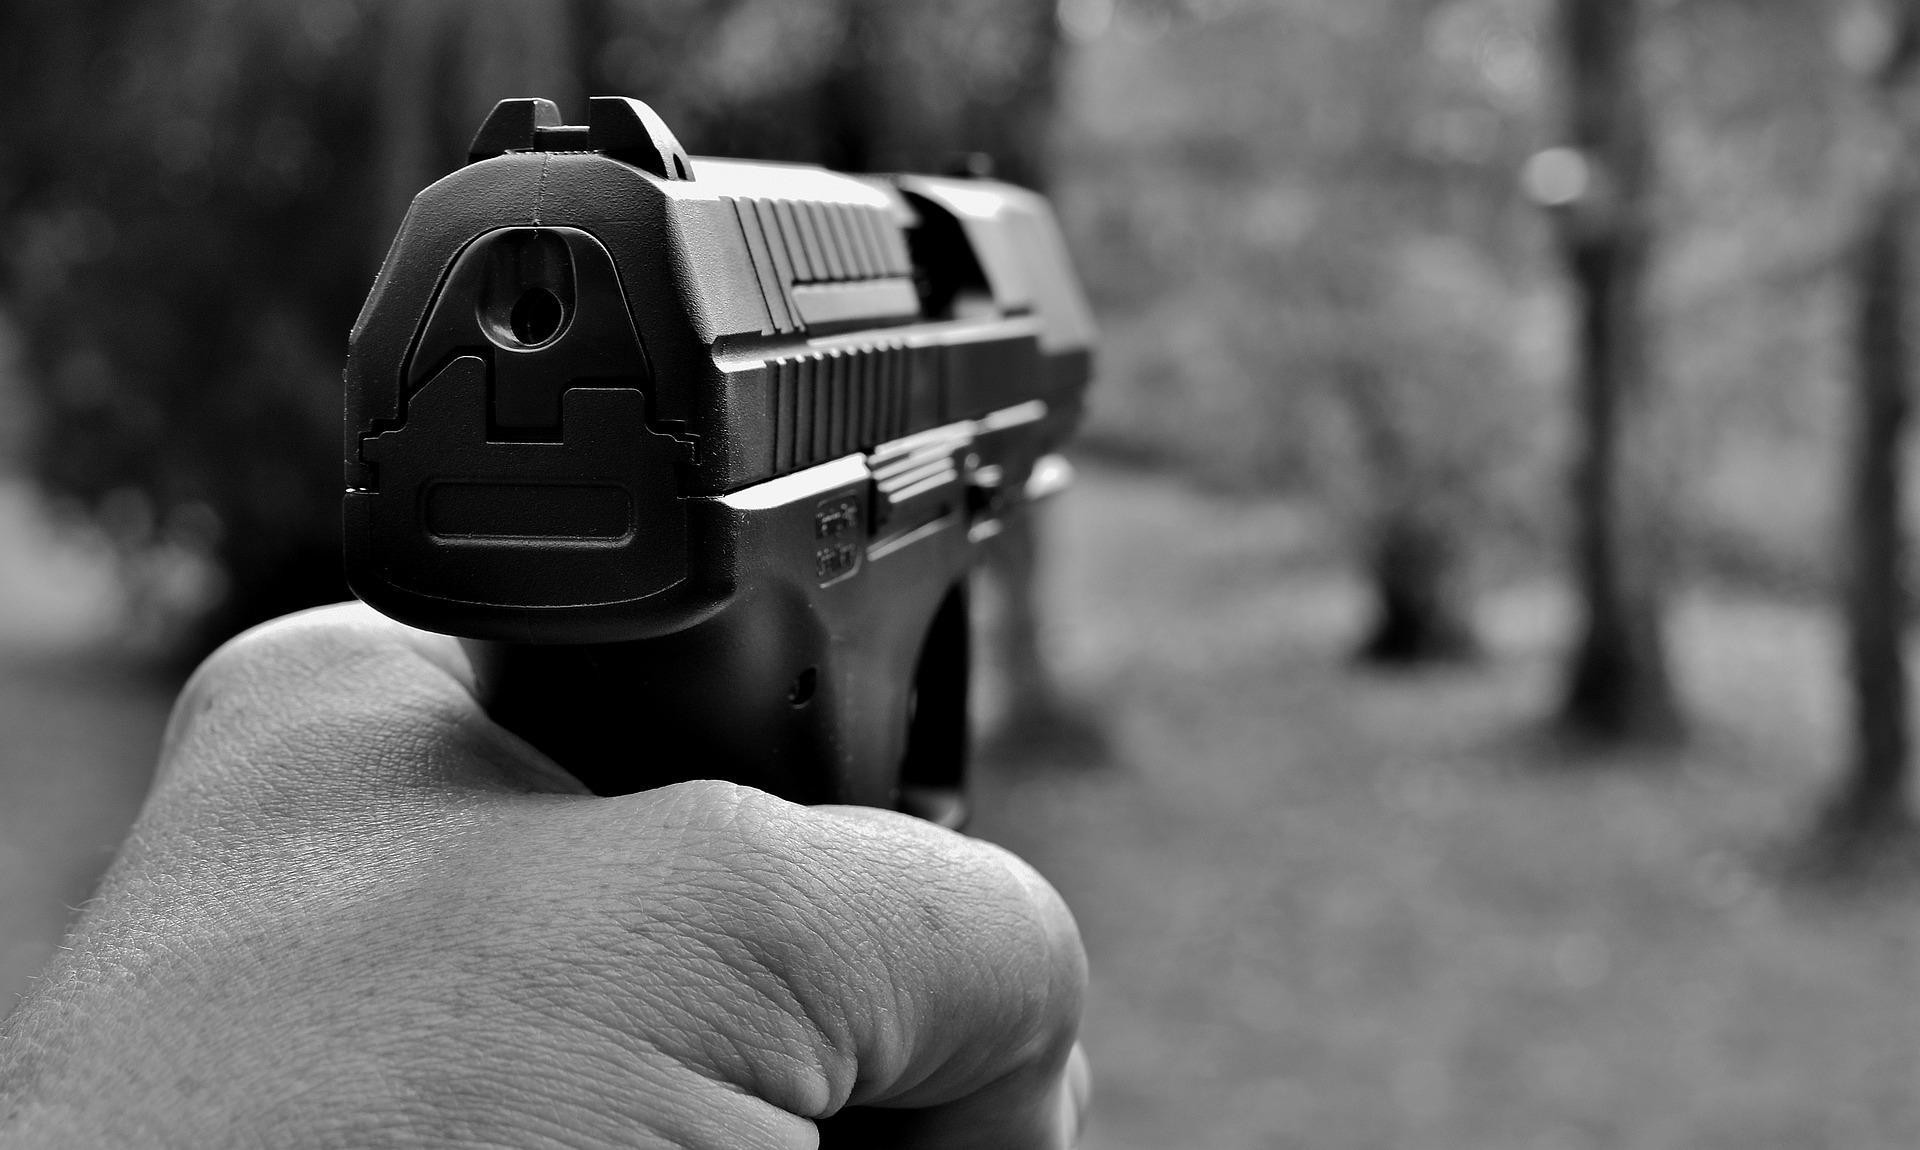 На северо-западе Москвы таксист и двое прохожих устроили драку со стрельбой